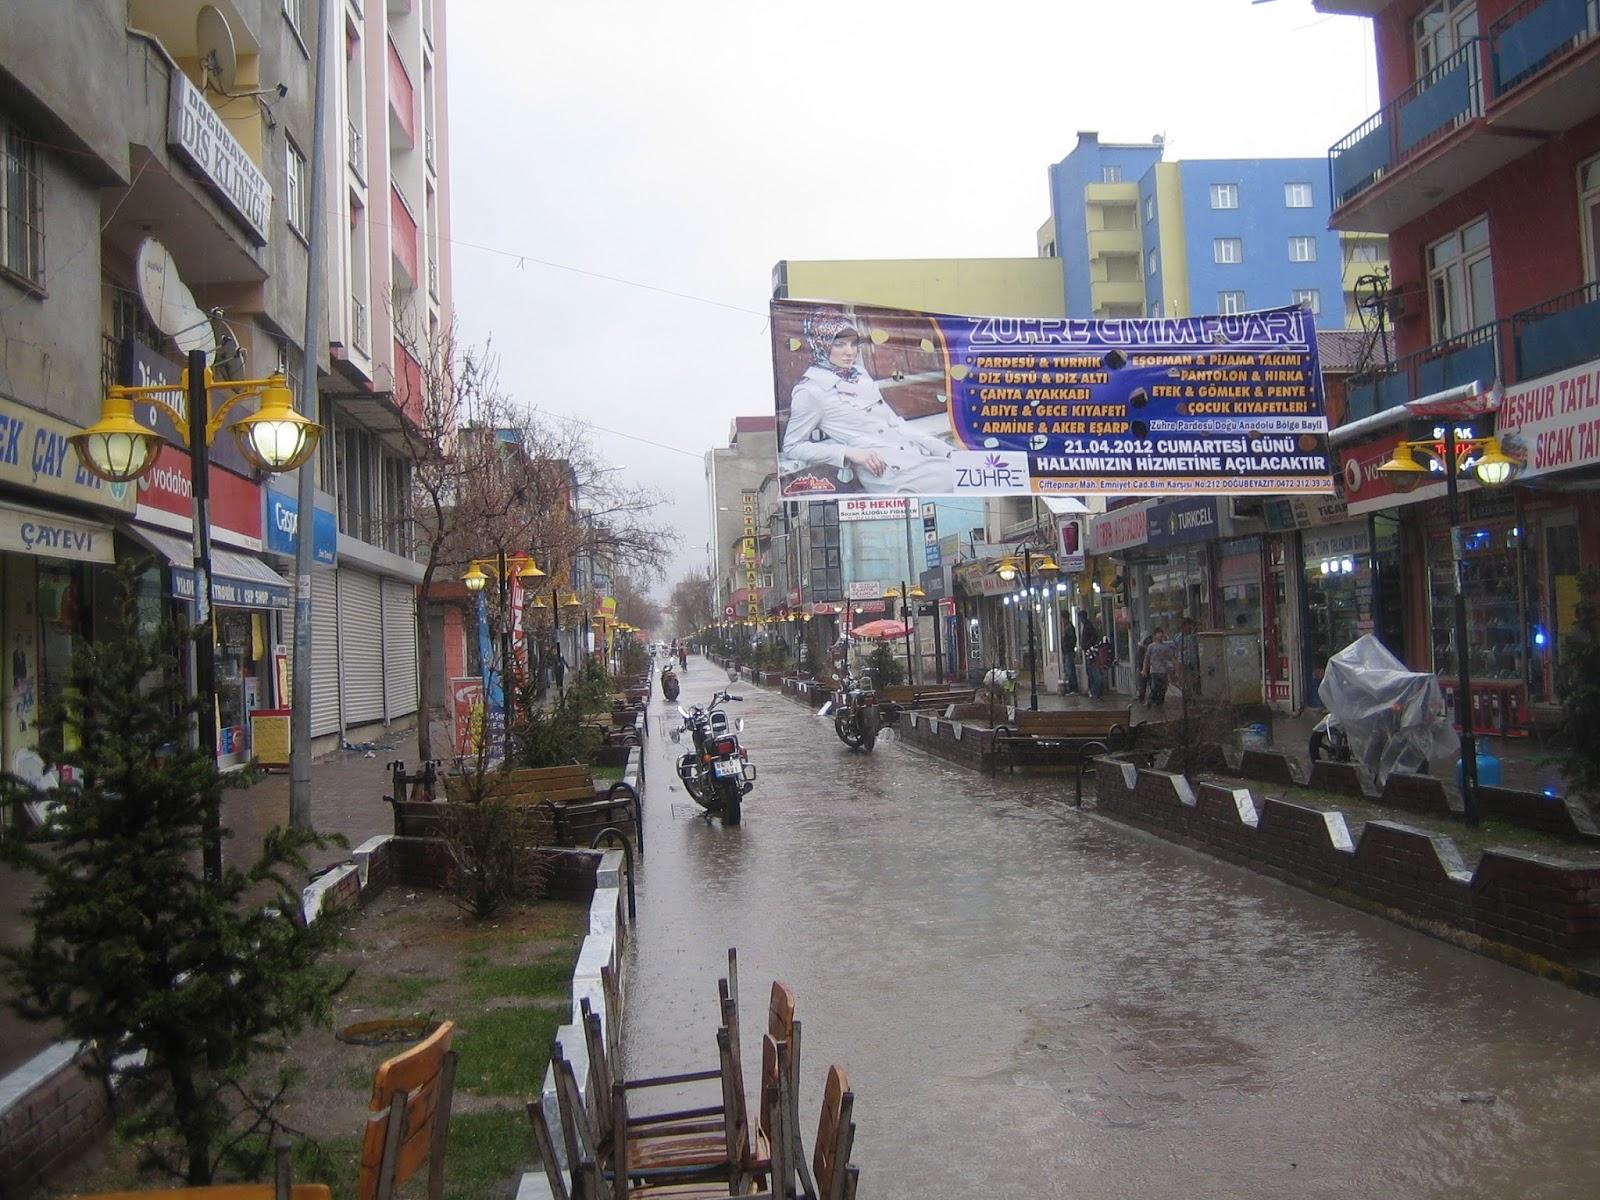 osttürkische Fußgängerzone im Platzregen